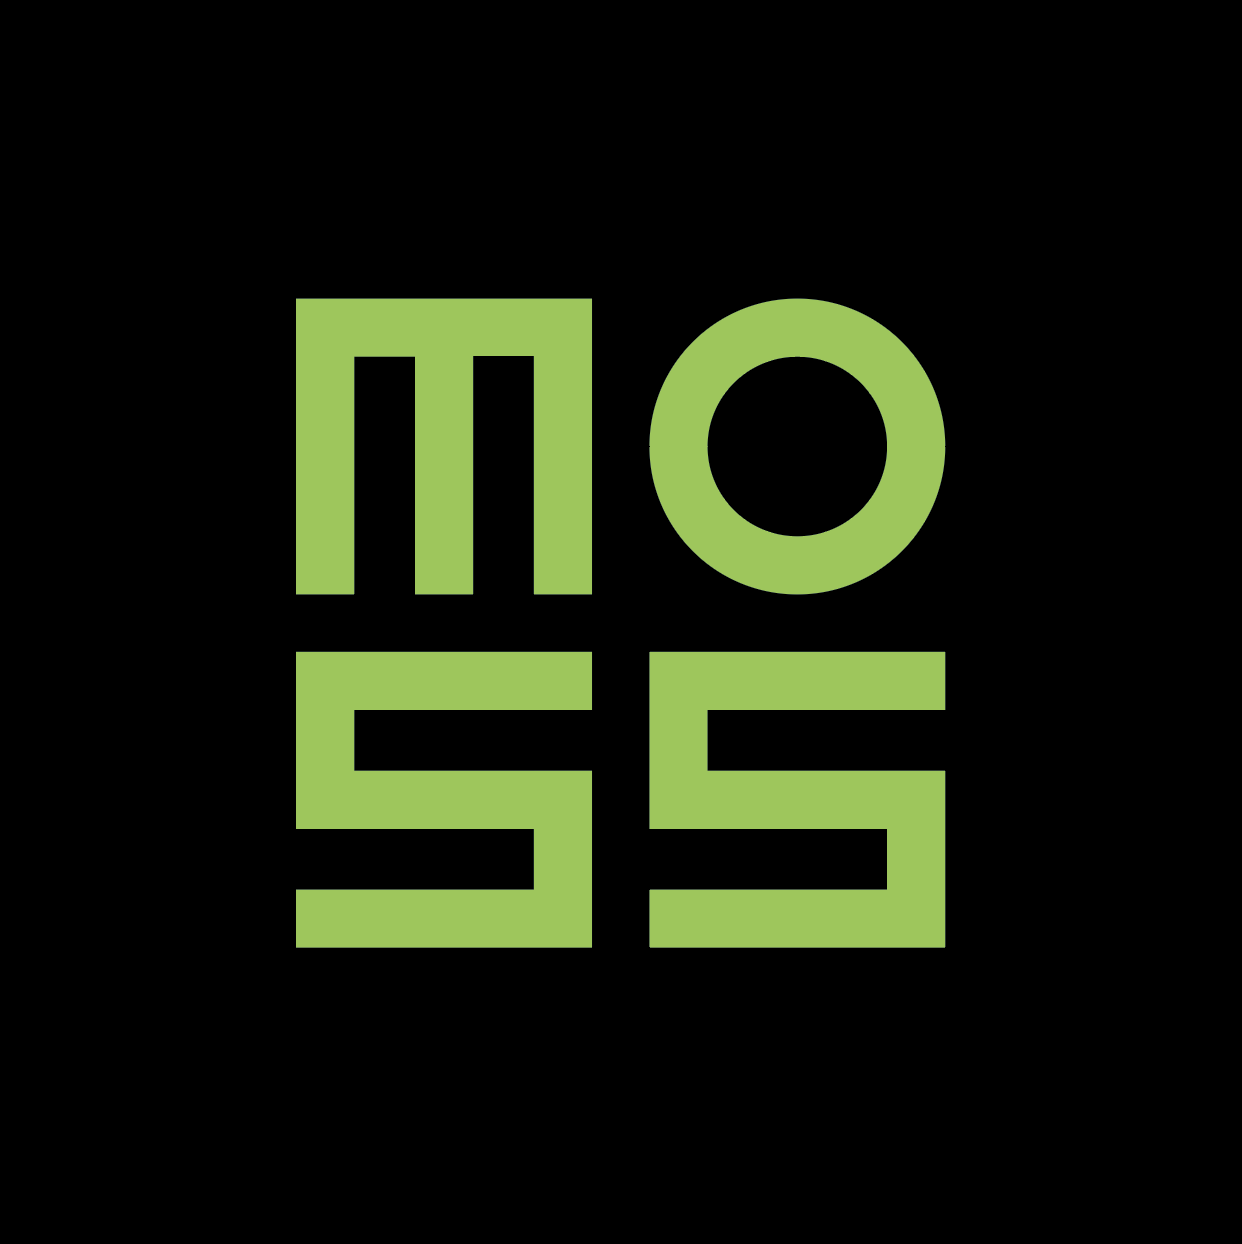 Jason Moss on LogoLounge